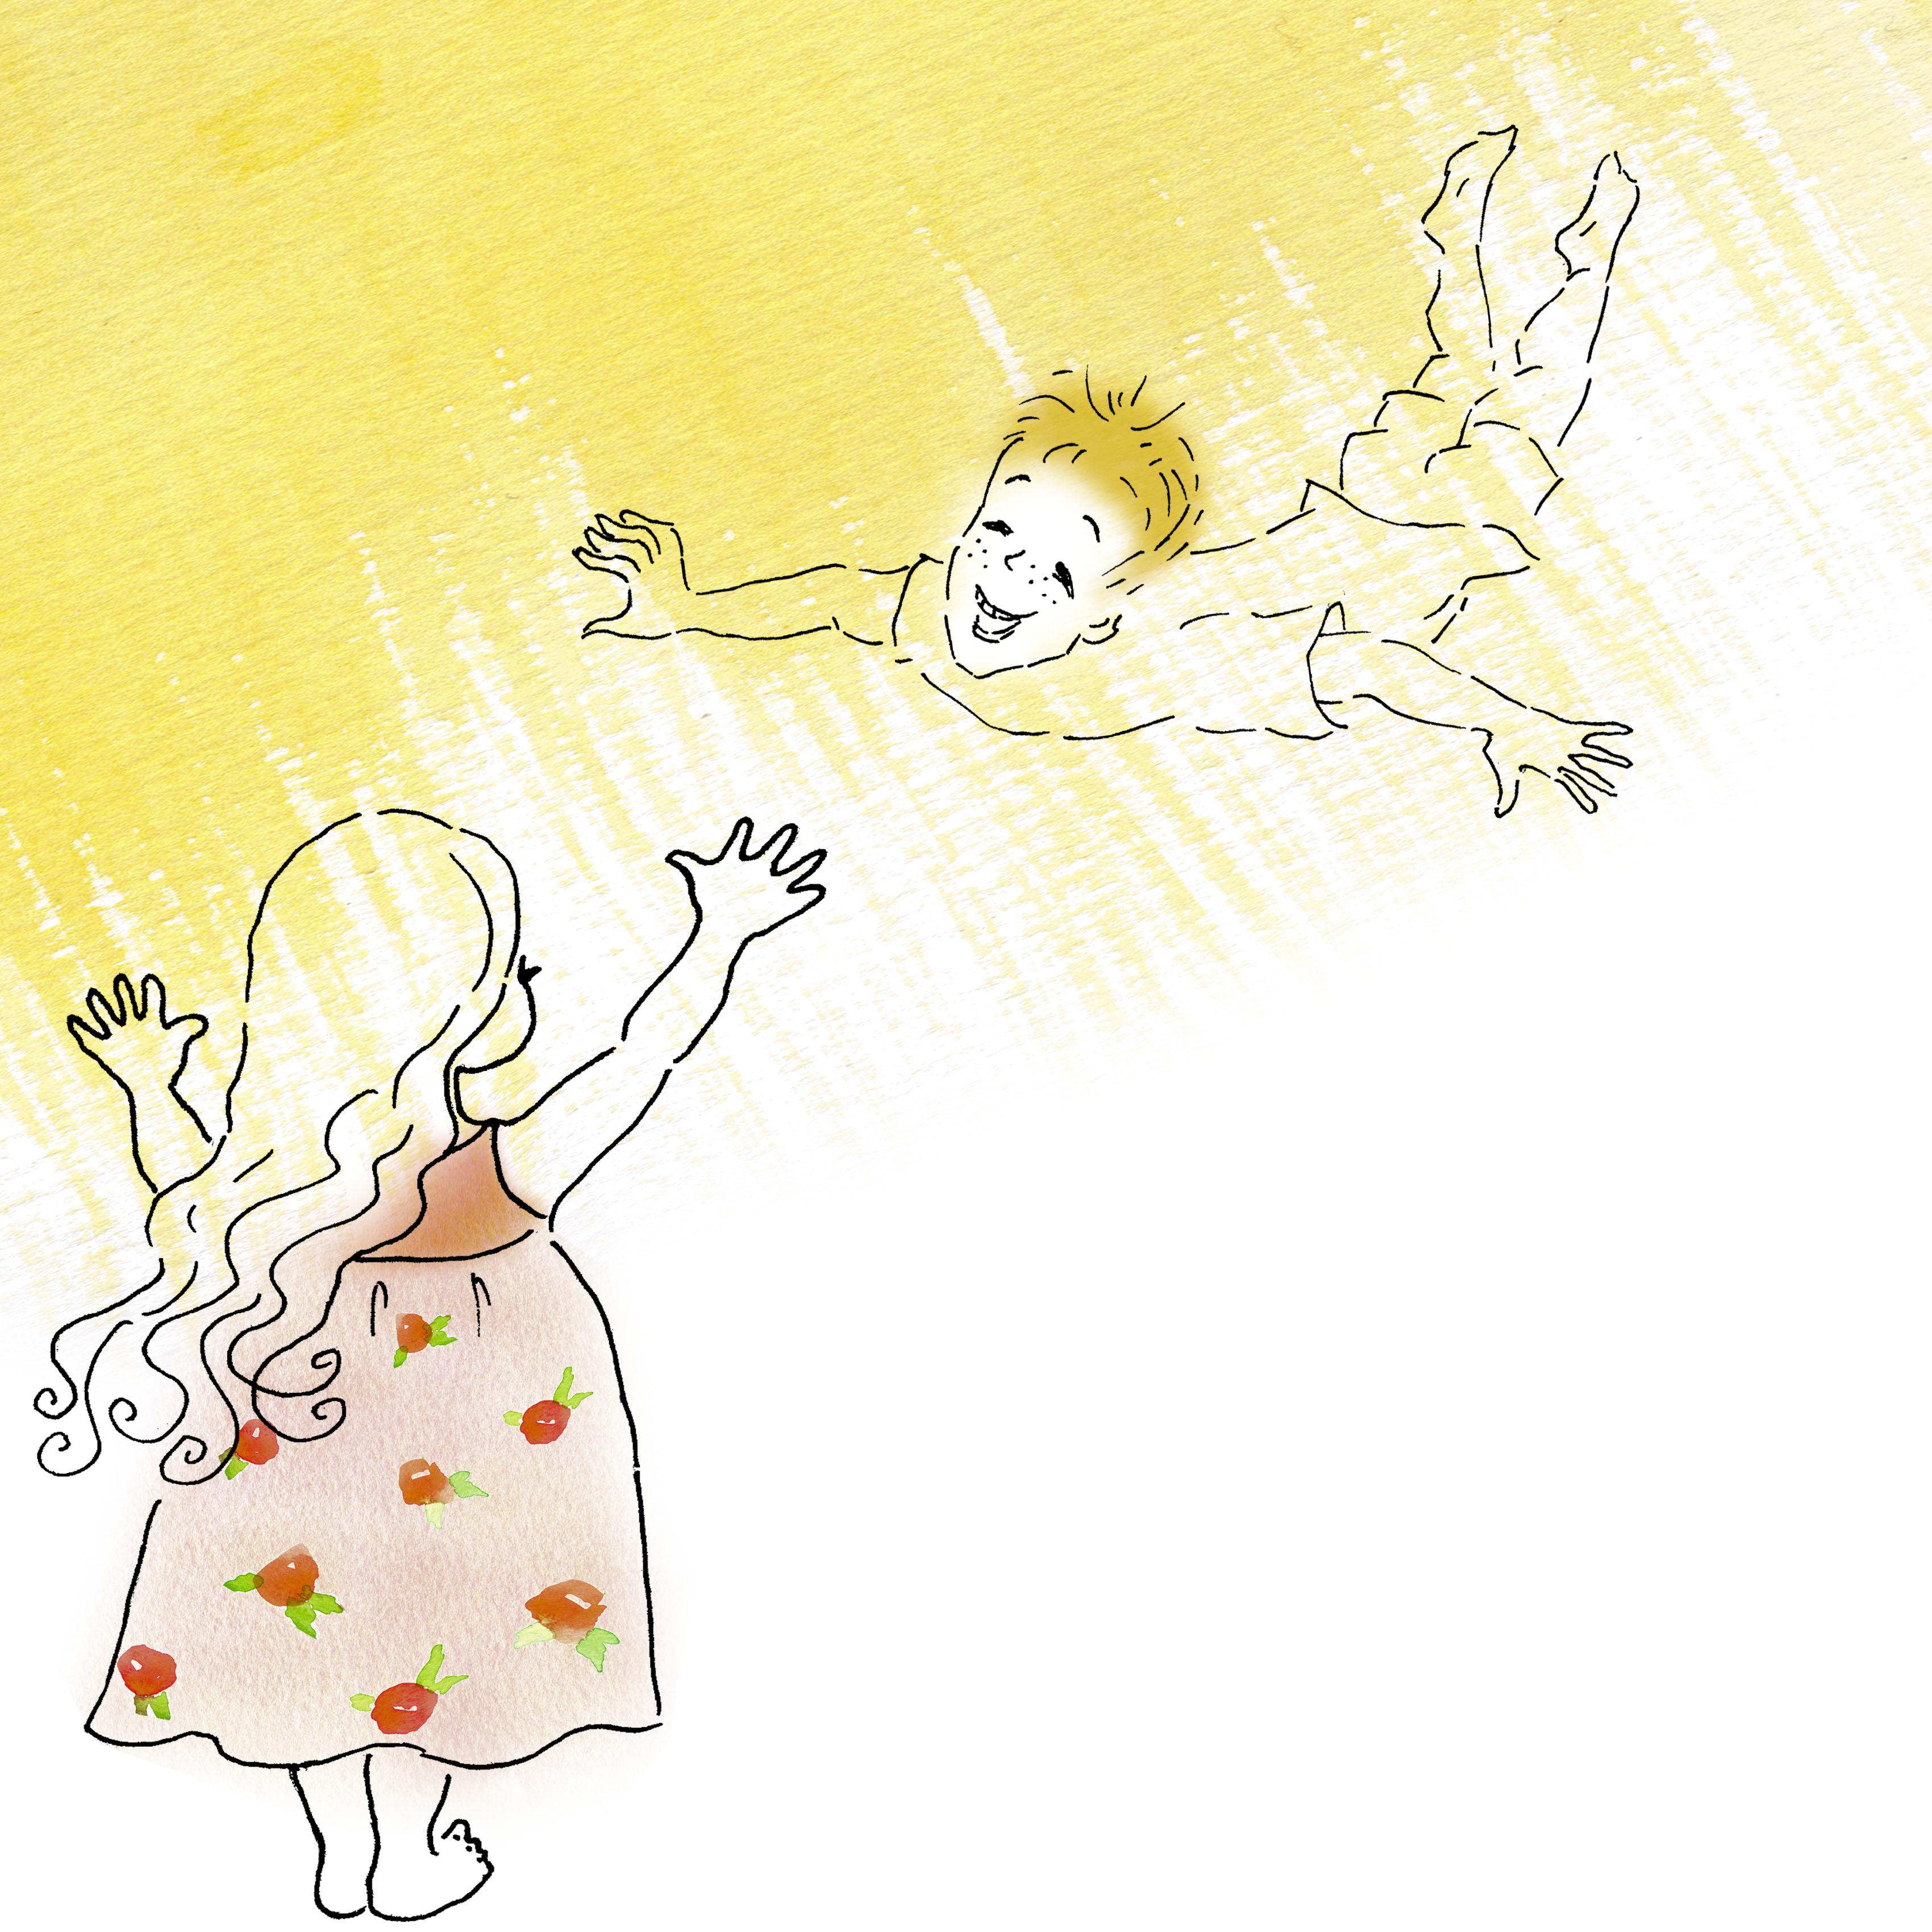 """""""ילד שכזה- עולמו של איתמר"""" by Ifat Shuster - Illustrated by Irena Brodeski - Ourboox.com"""